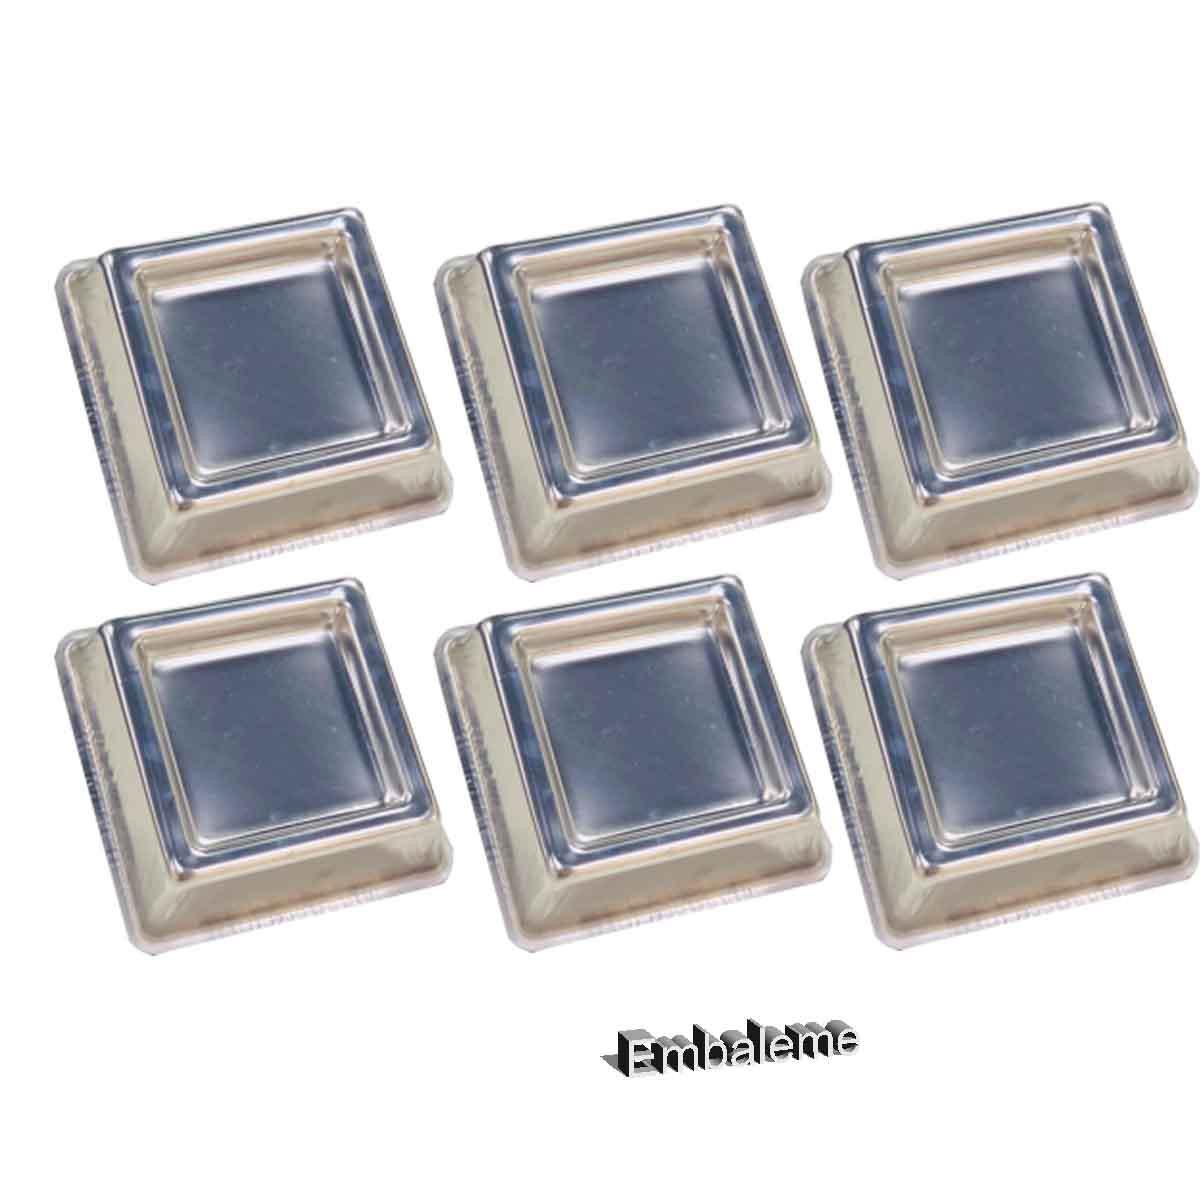 Forma Ballerine Quadrada mini com 6 unidades  9X3,5cm CAPARROZ